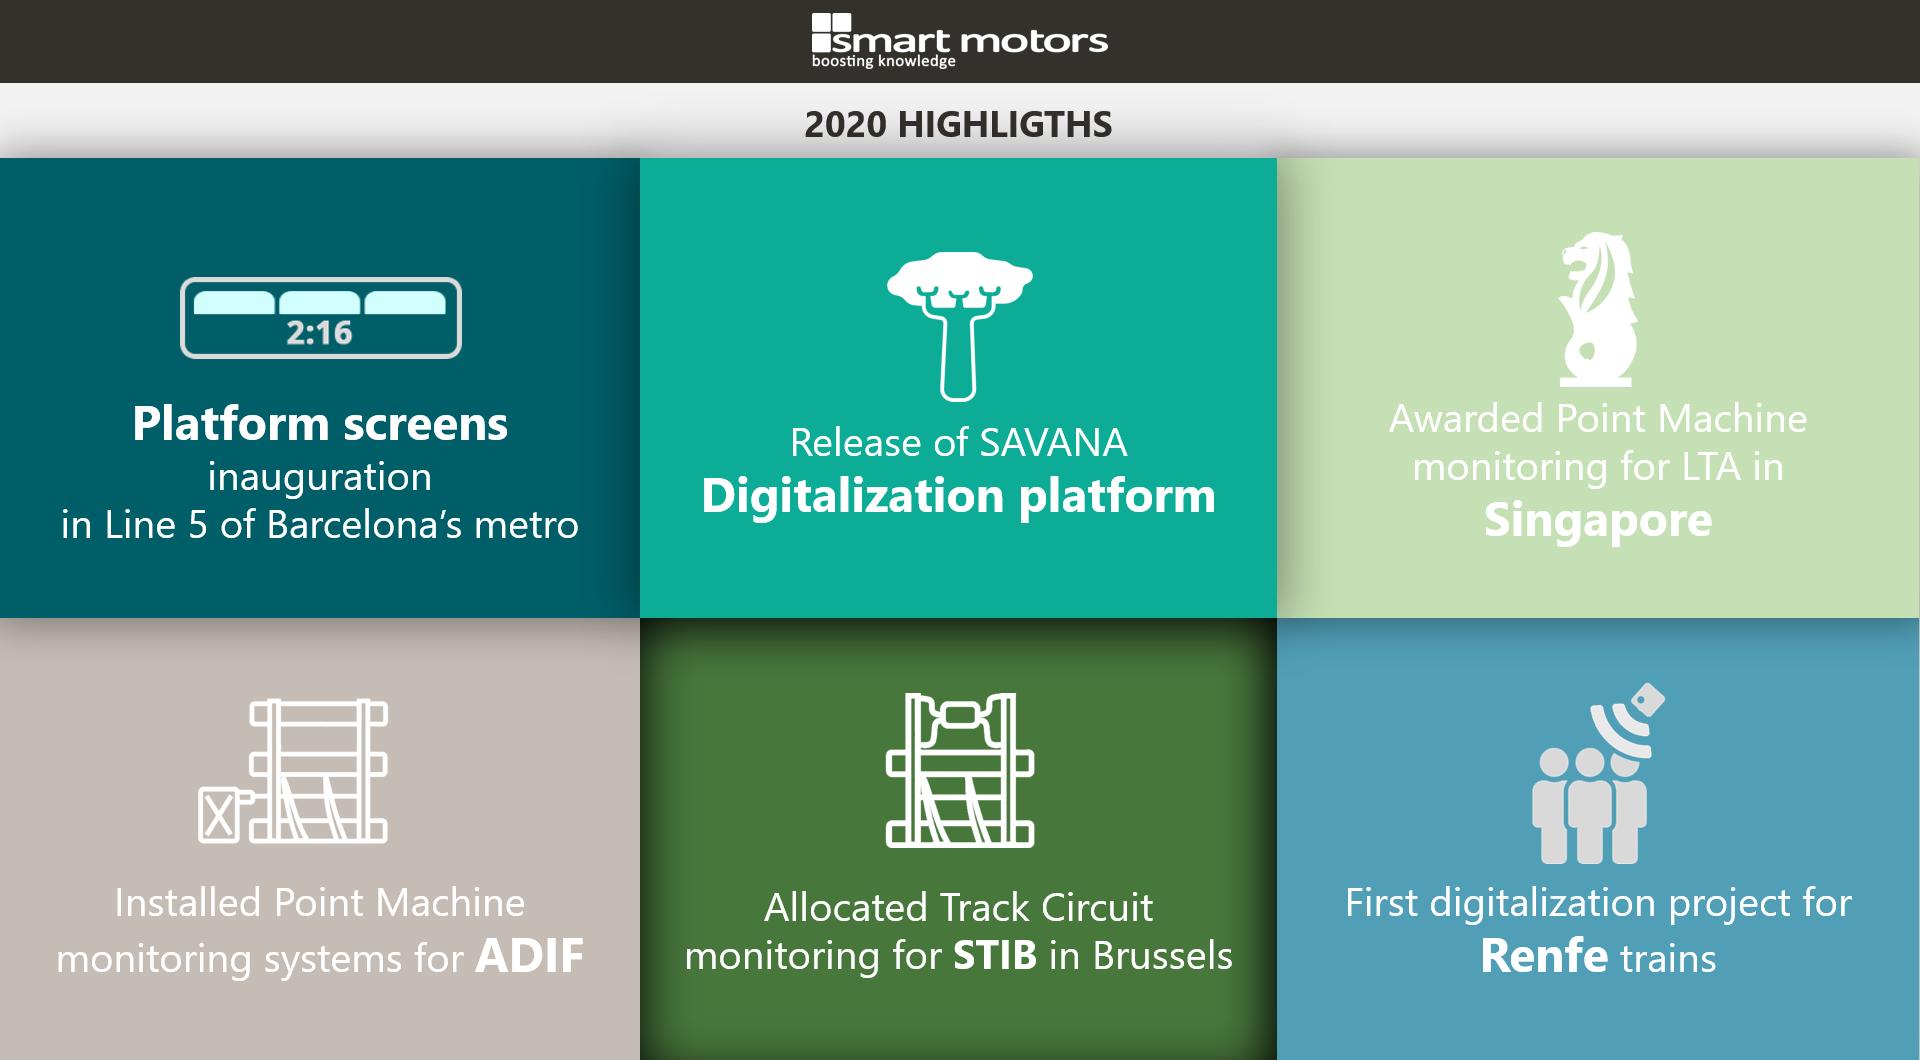 Railway Digitalization projects smart motors